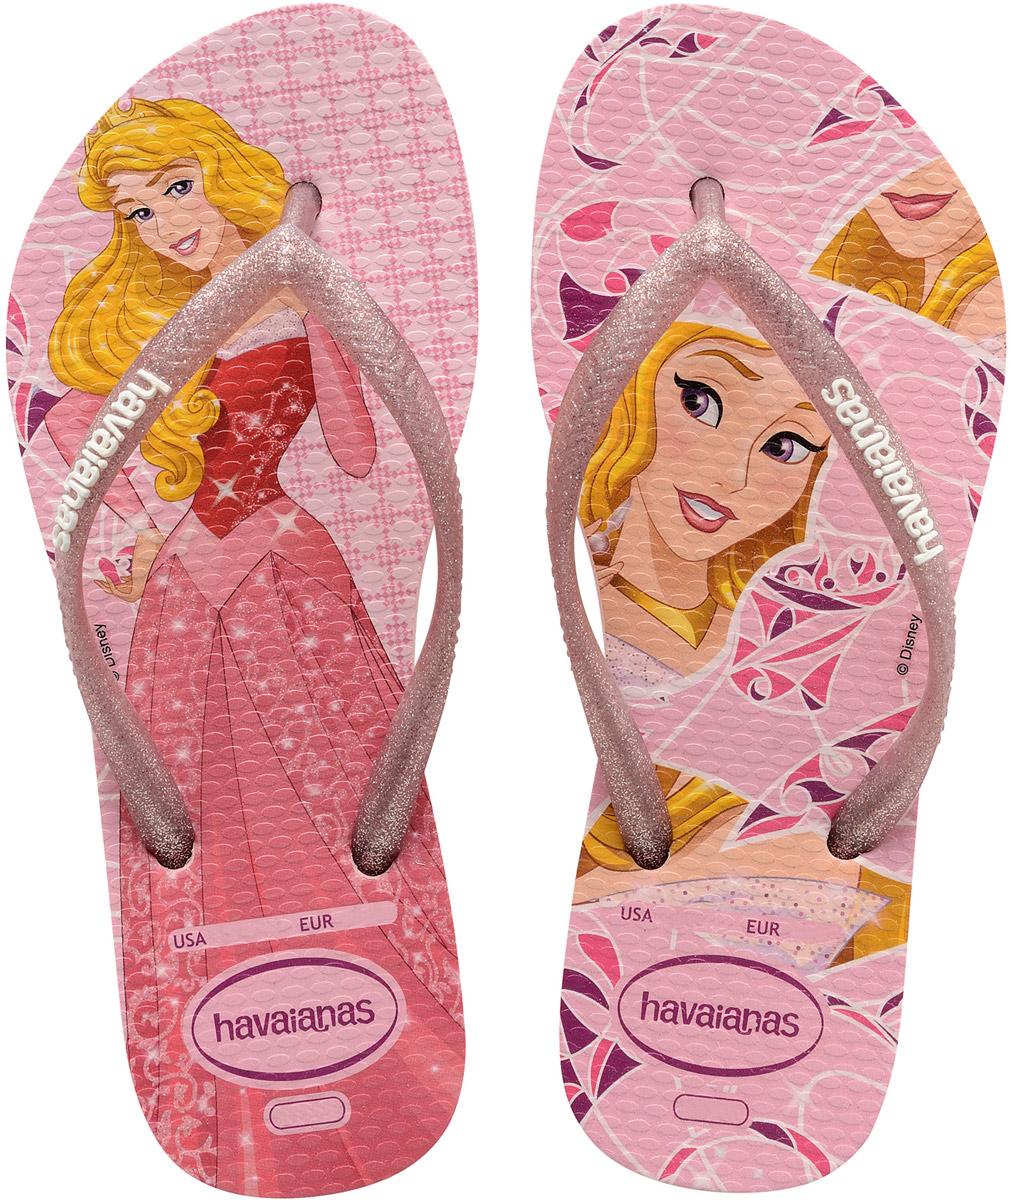 Сланцы для девочки Havaianas Kids Slim Princess, цвет: розовый. 41233286615. Размер 25/26 (26/27)41233286615Детские сланцы Kids Slim Princess от Havaianas прекрасно подойдут для похода в бассейн или на пляж. Верх модели, выполненный из резины, оформлен блестками и логотипом бренда. Ремешки с перемычкой гарантируют надежную фиксацию модели на ноге. Подошва выполнена из материала ЭВА и оформлена изображением диснеевской принцессы. Рифление на верхней поверхности подошвы предотвращает выскальзывание ноги. Рельефное основание подошвы обеспечивает уверенное сцепление с любой поверхностью.